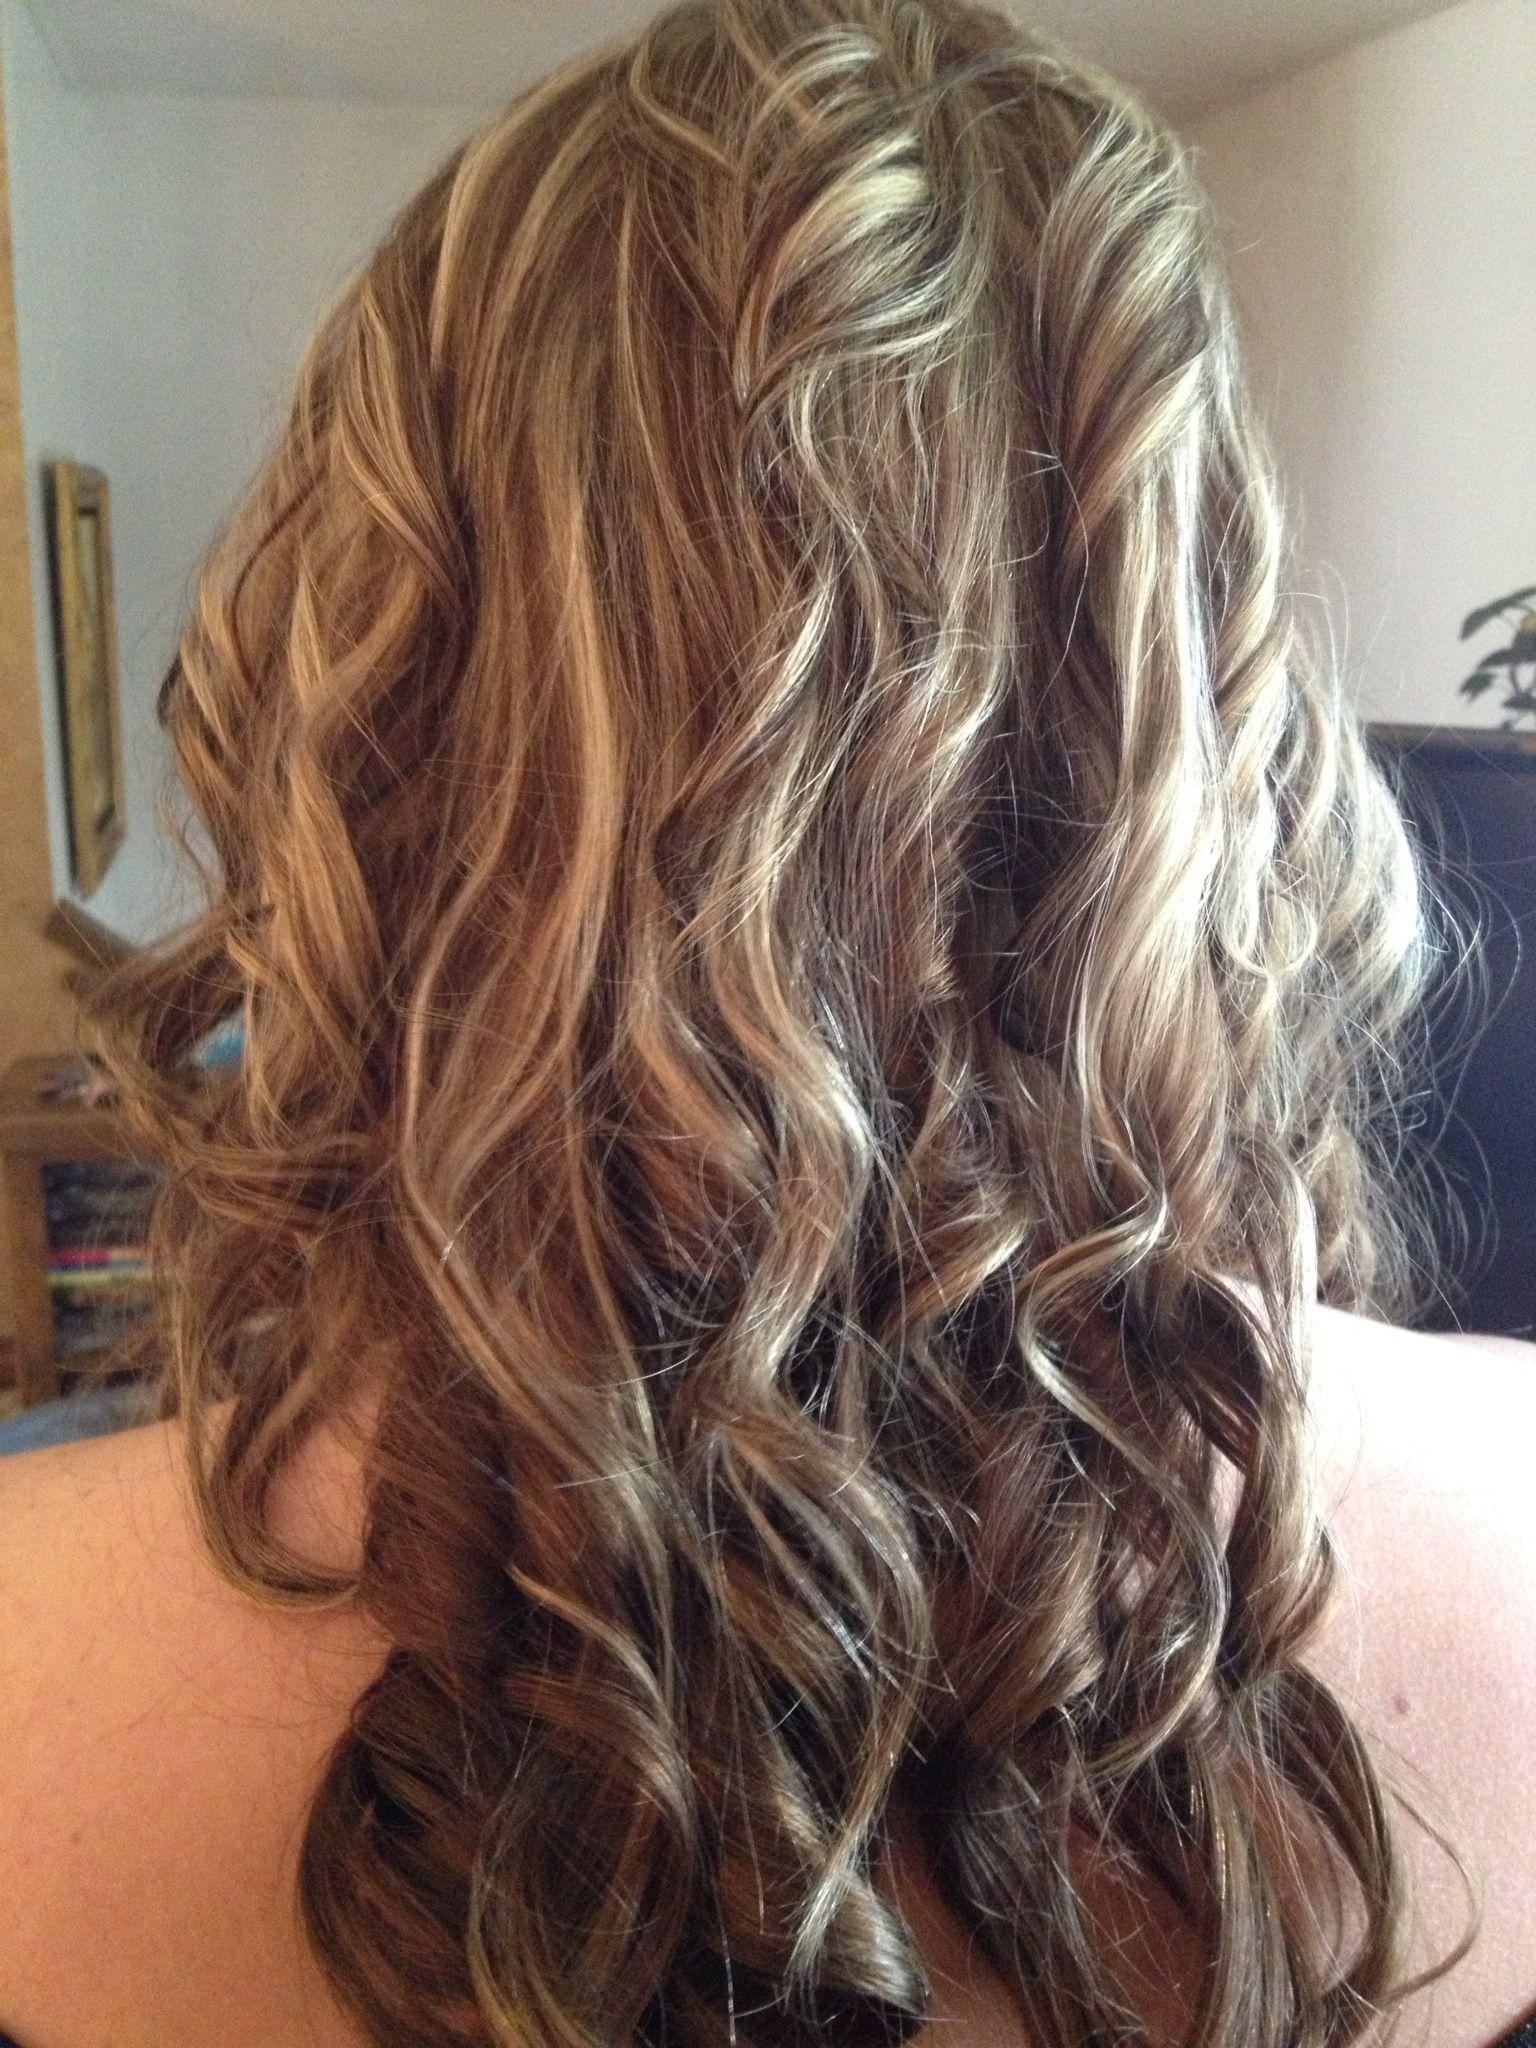 Brunette Lowlights Amp Blonde Highlights Hair Makeup